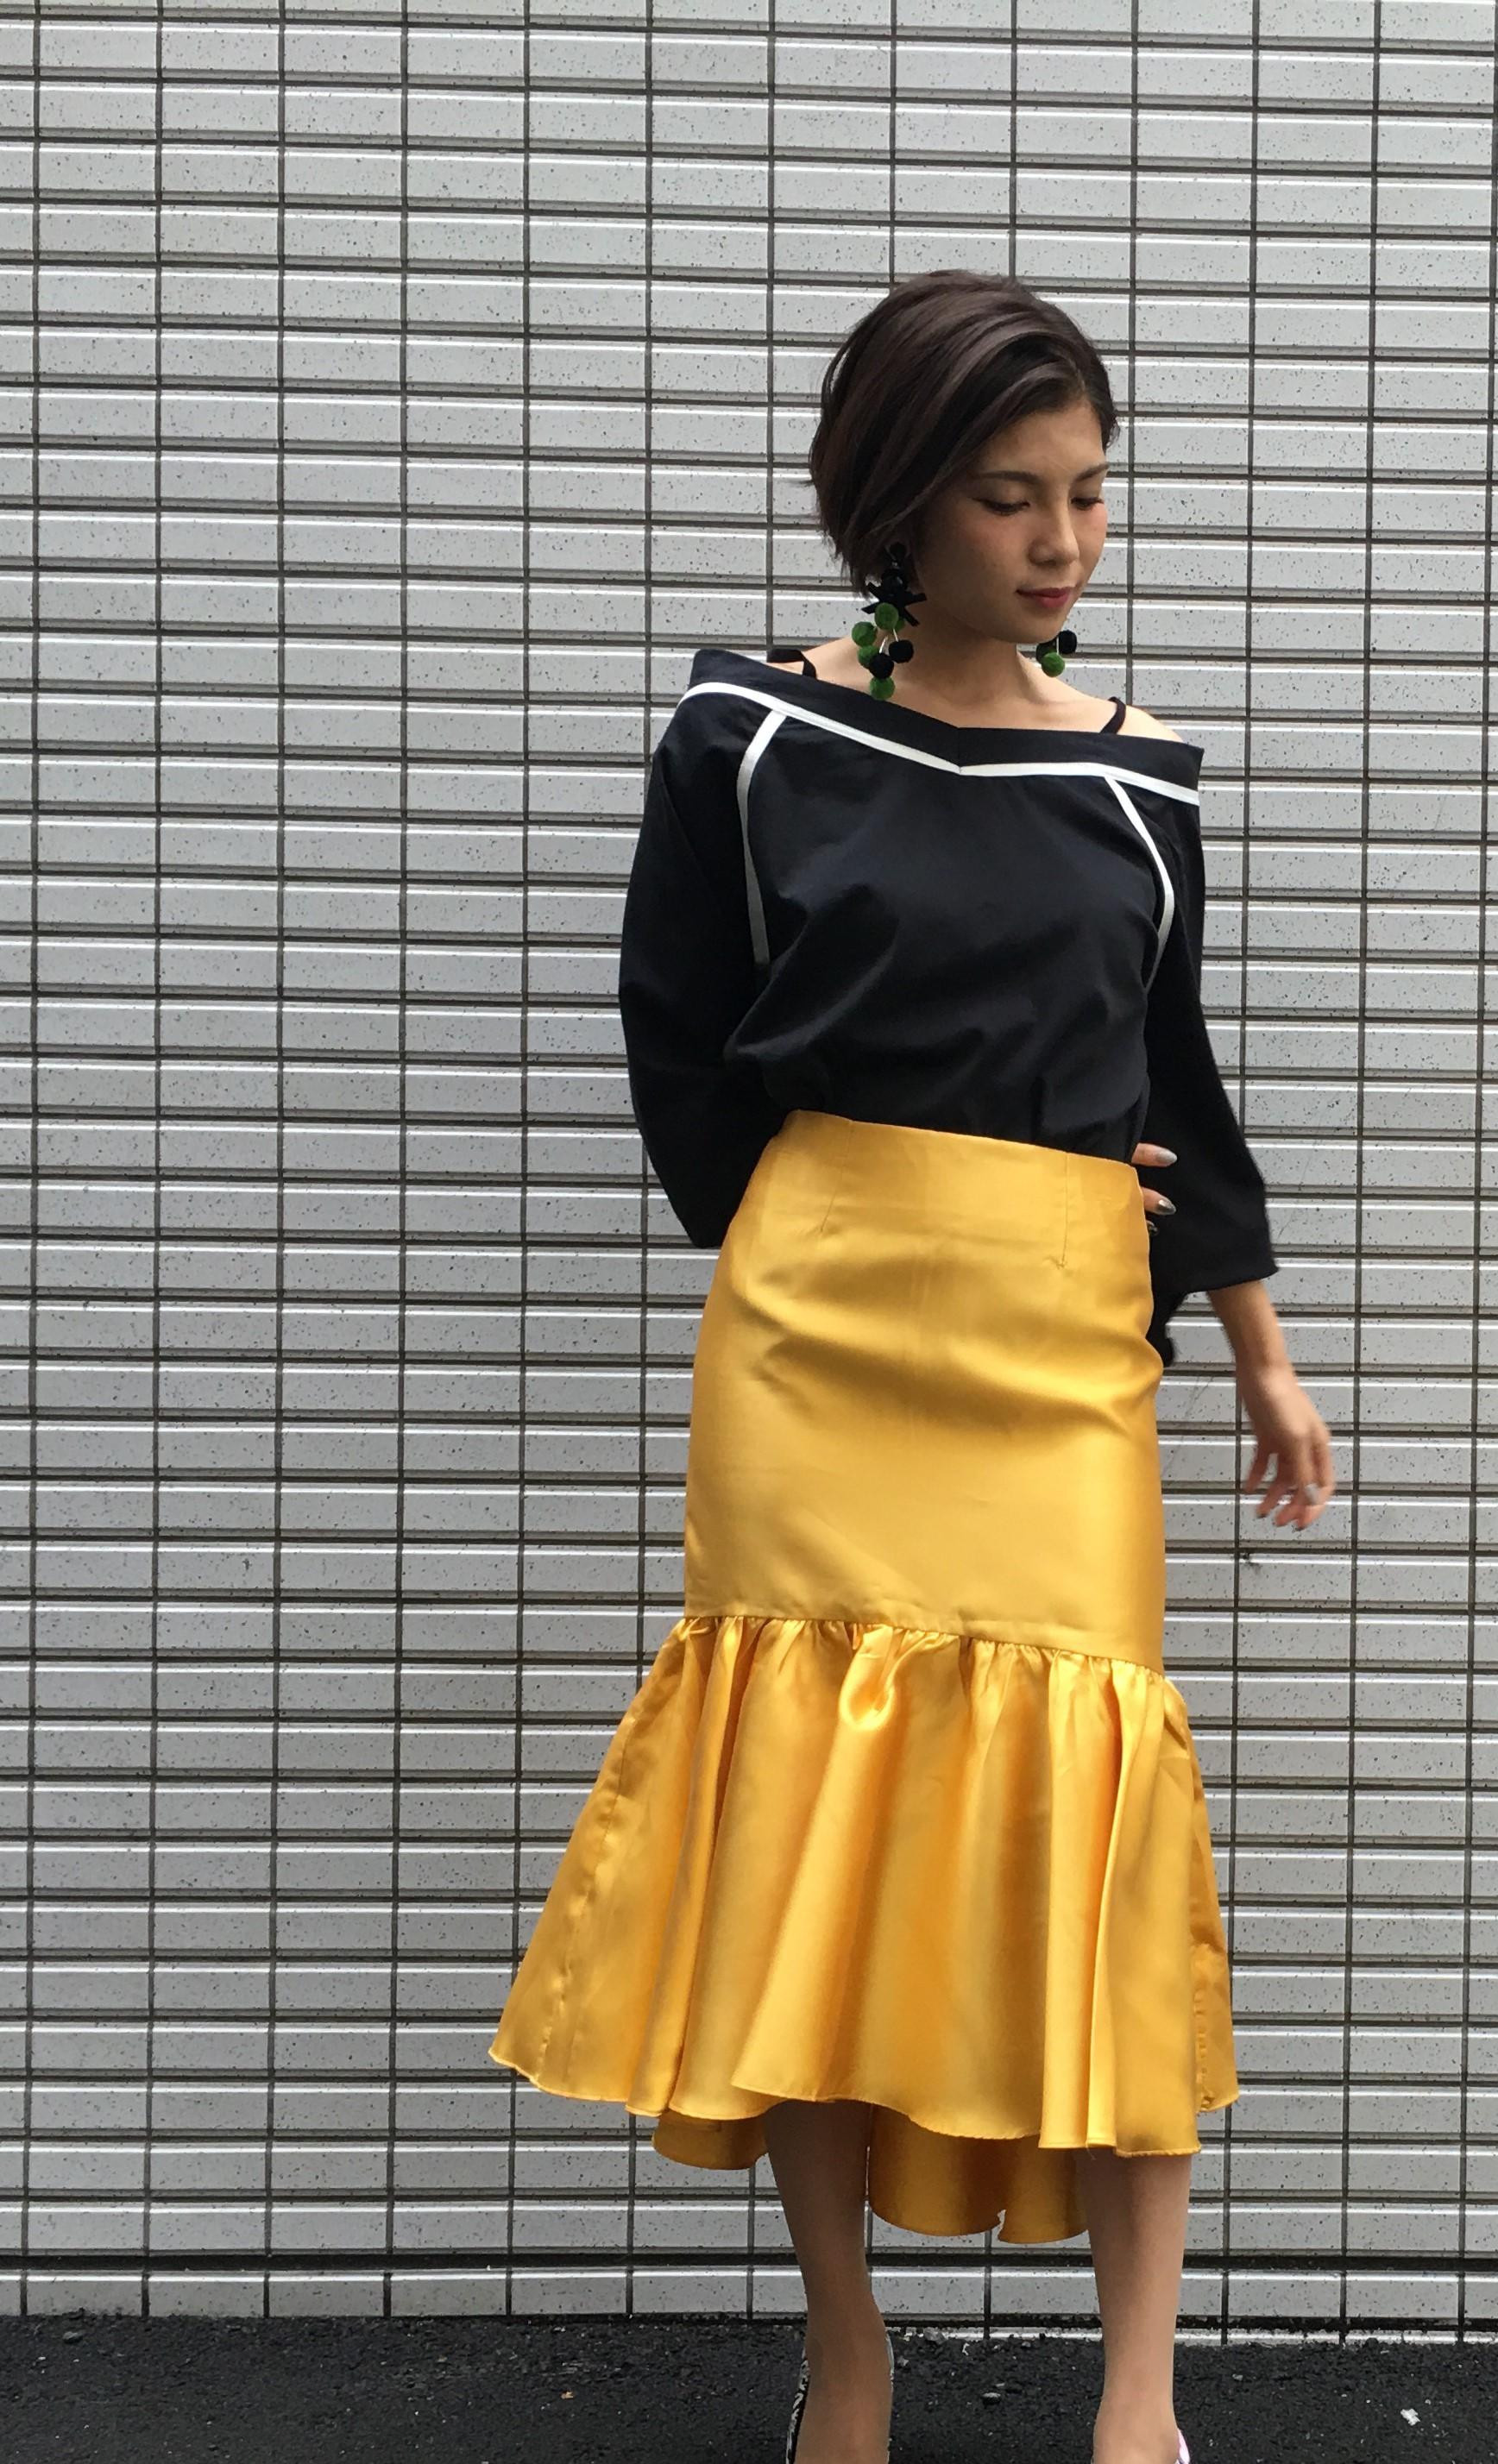 イエローサテンスカート 1-186